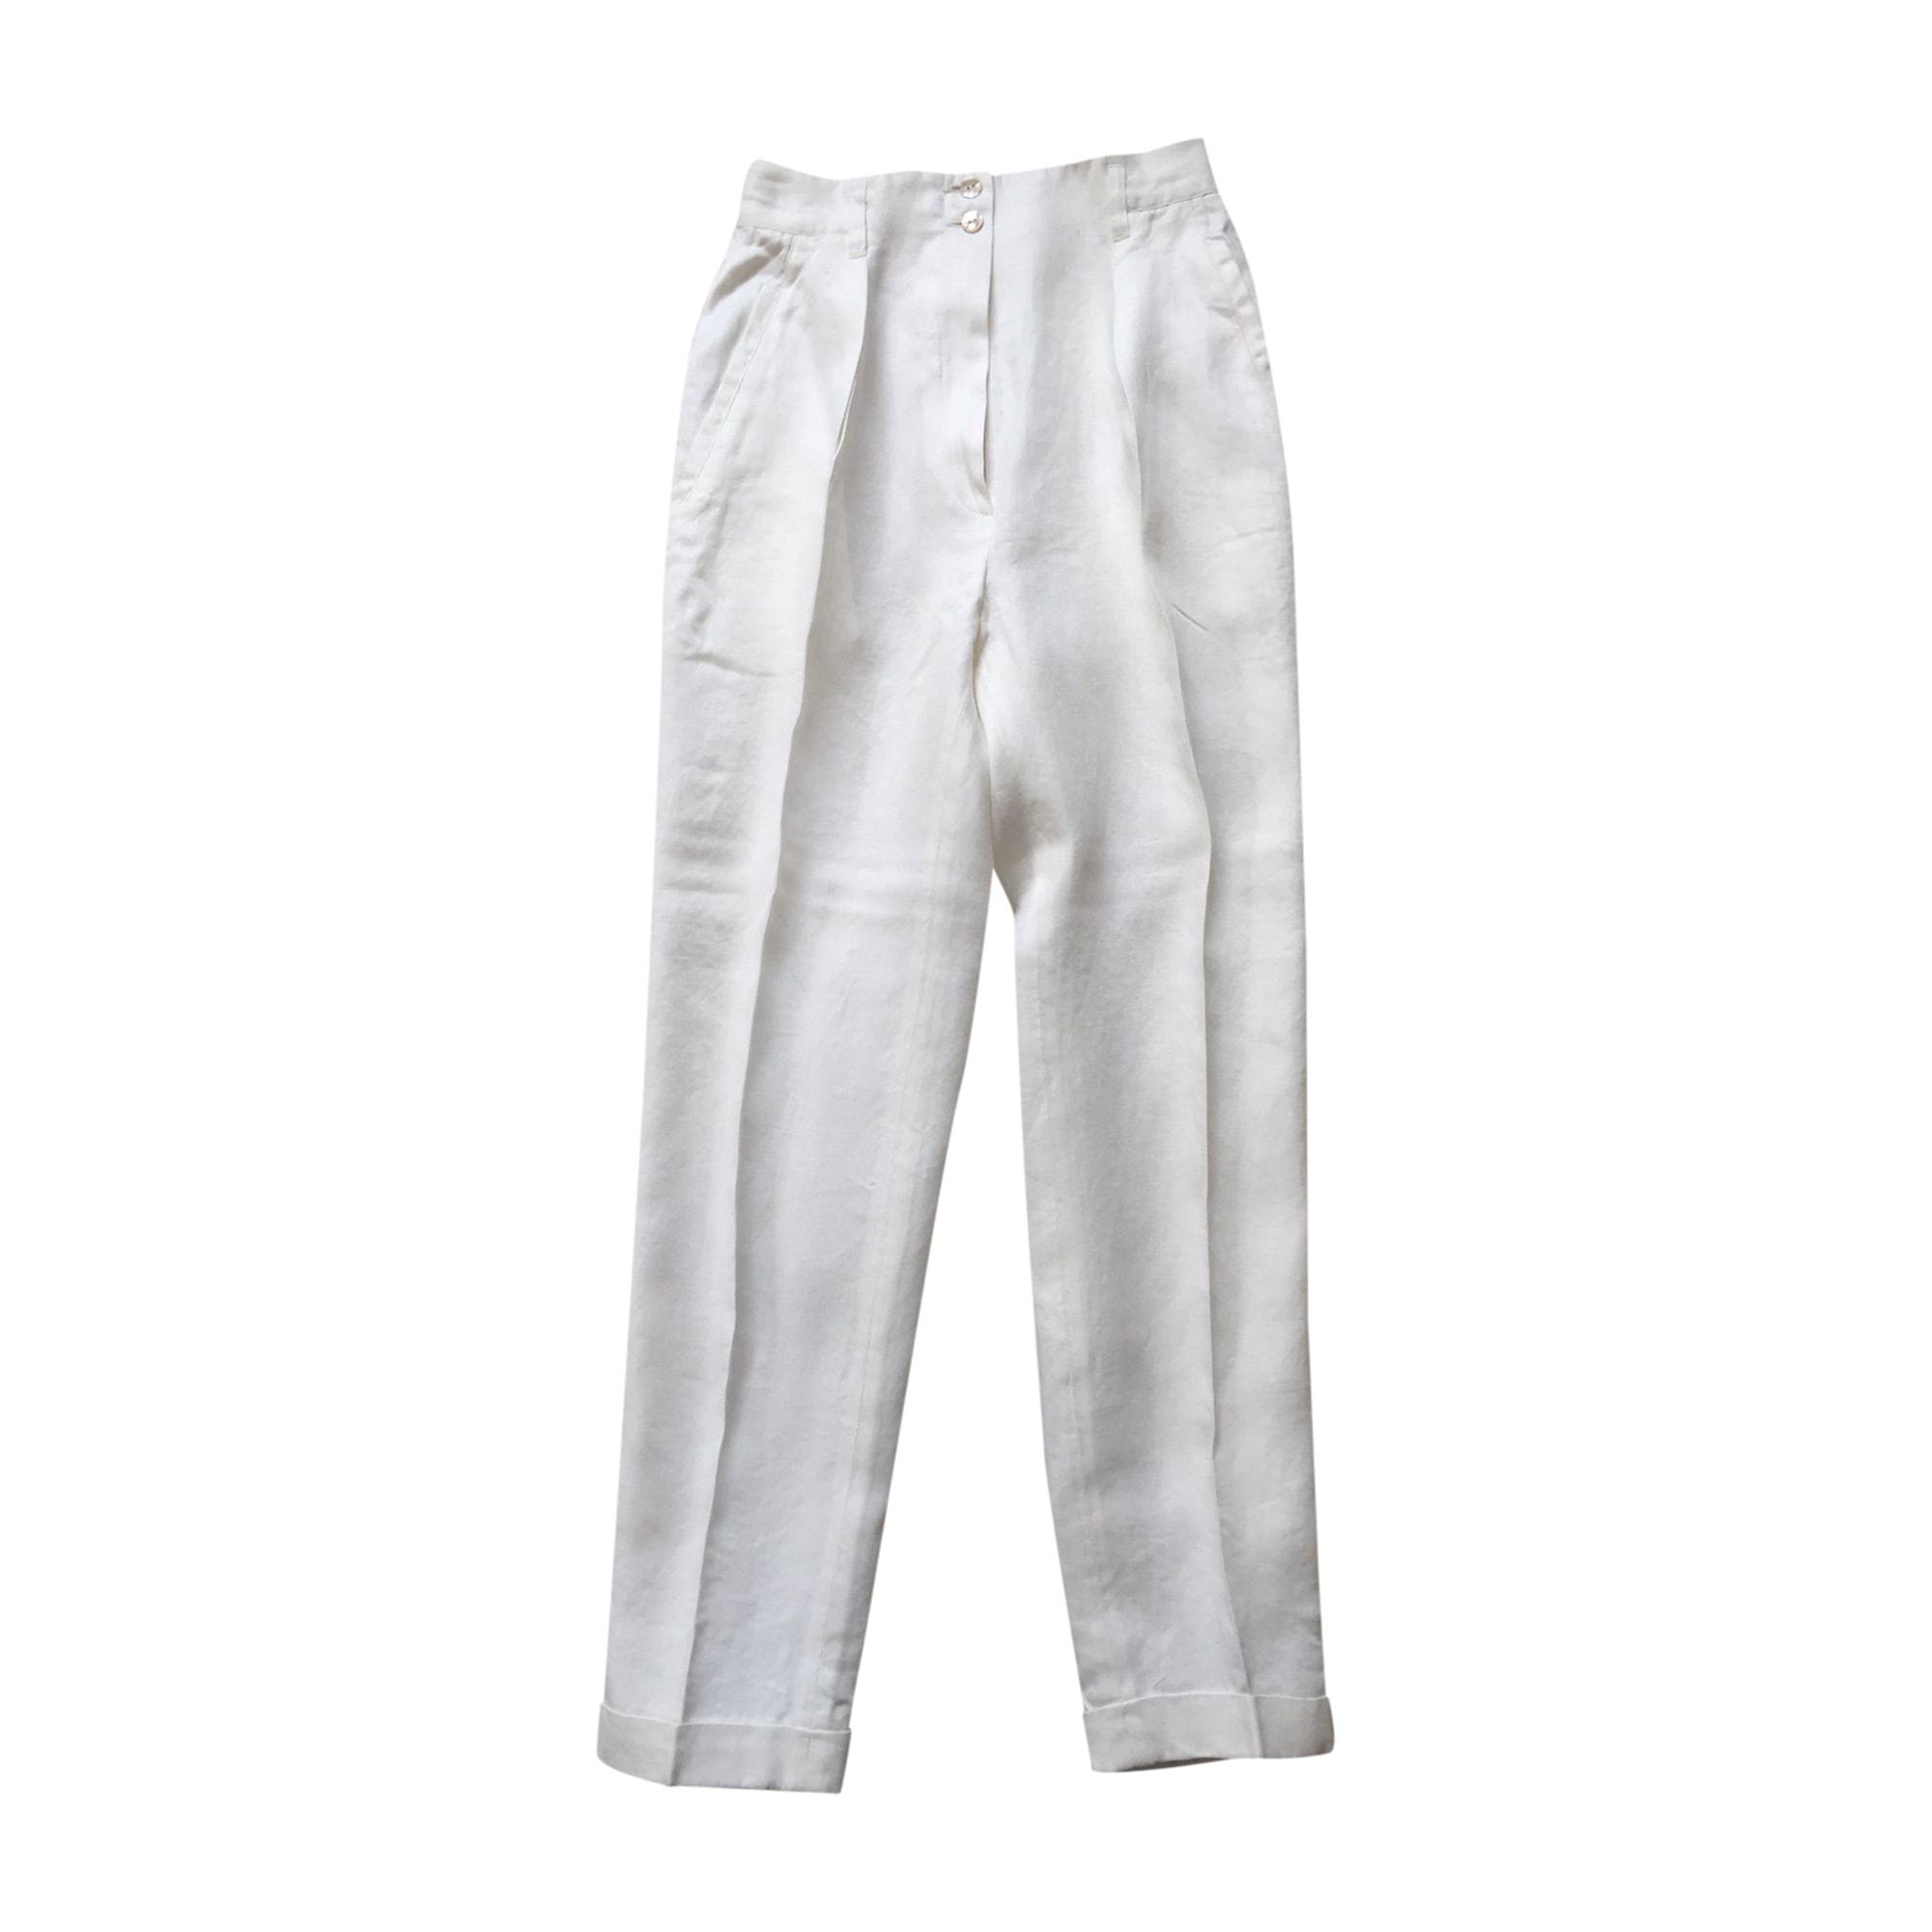 Tailleur pantalon KENZO Blanc, blanc cassé, écru